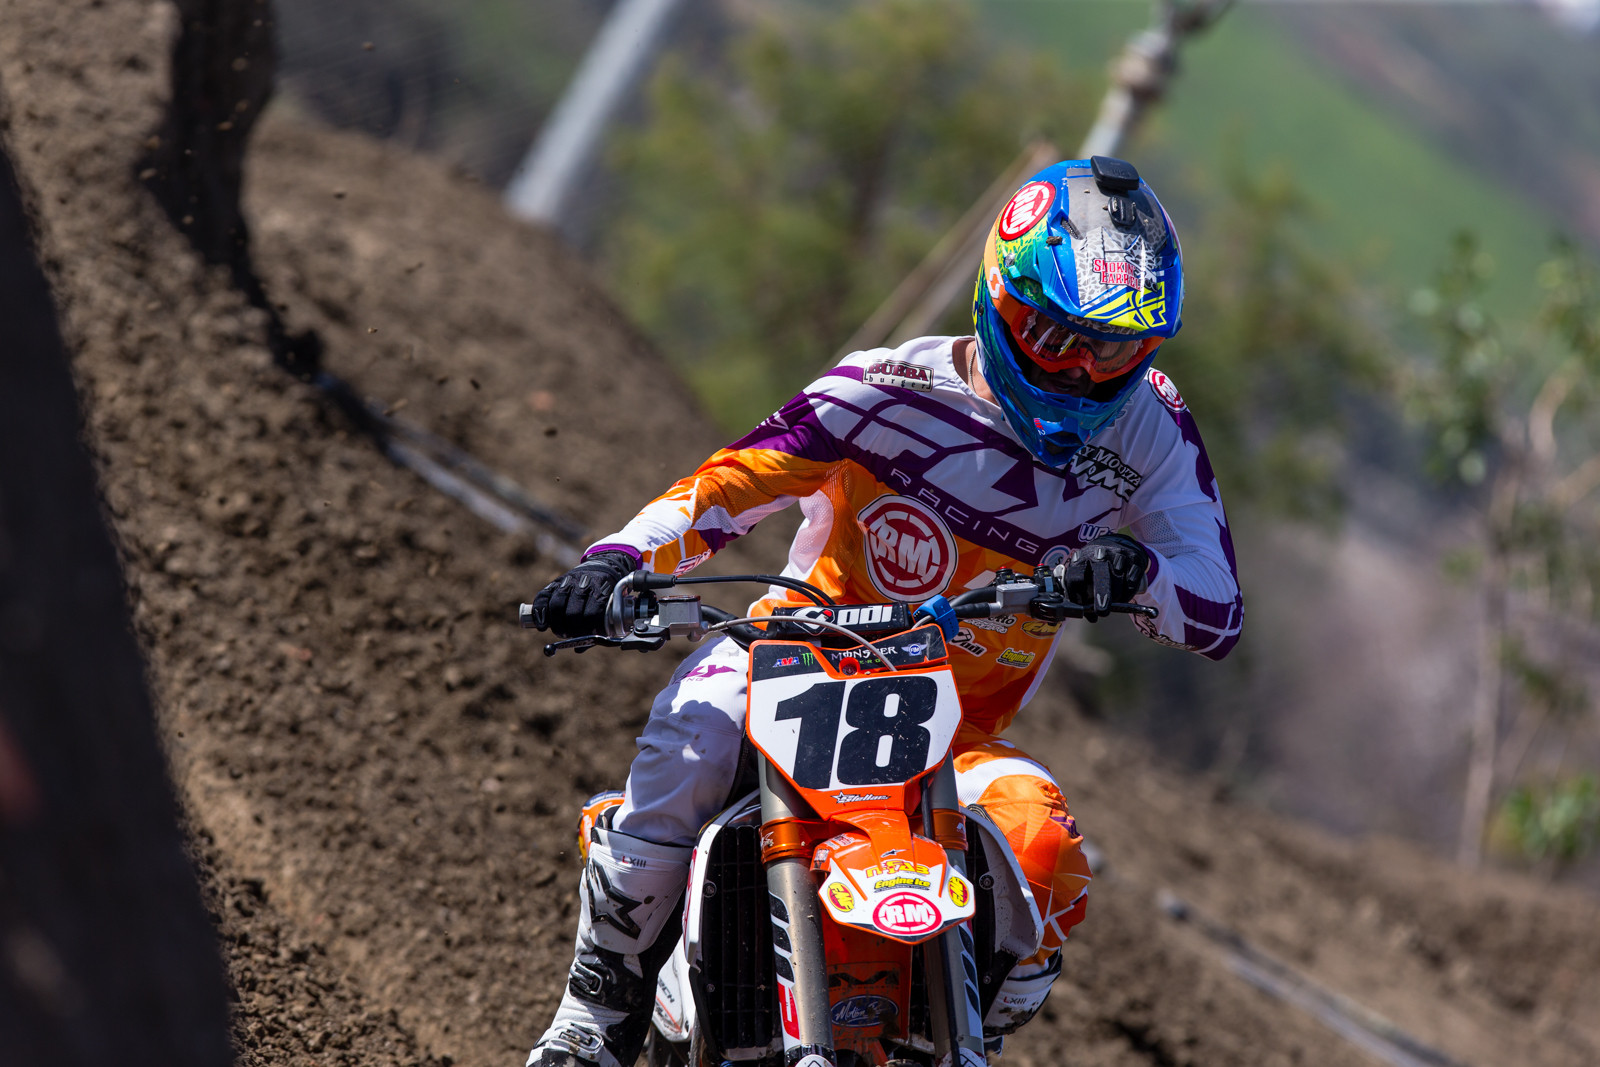 Davi Millsaps - Supercross 2017: Prepping for Oakland - Motocross Pictures - Vital MX